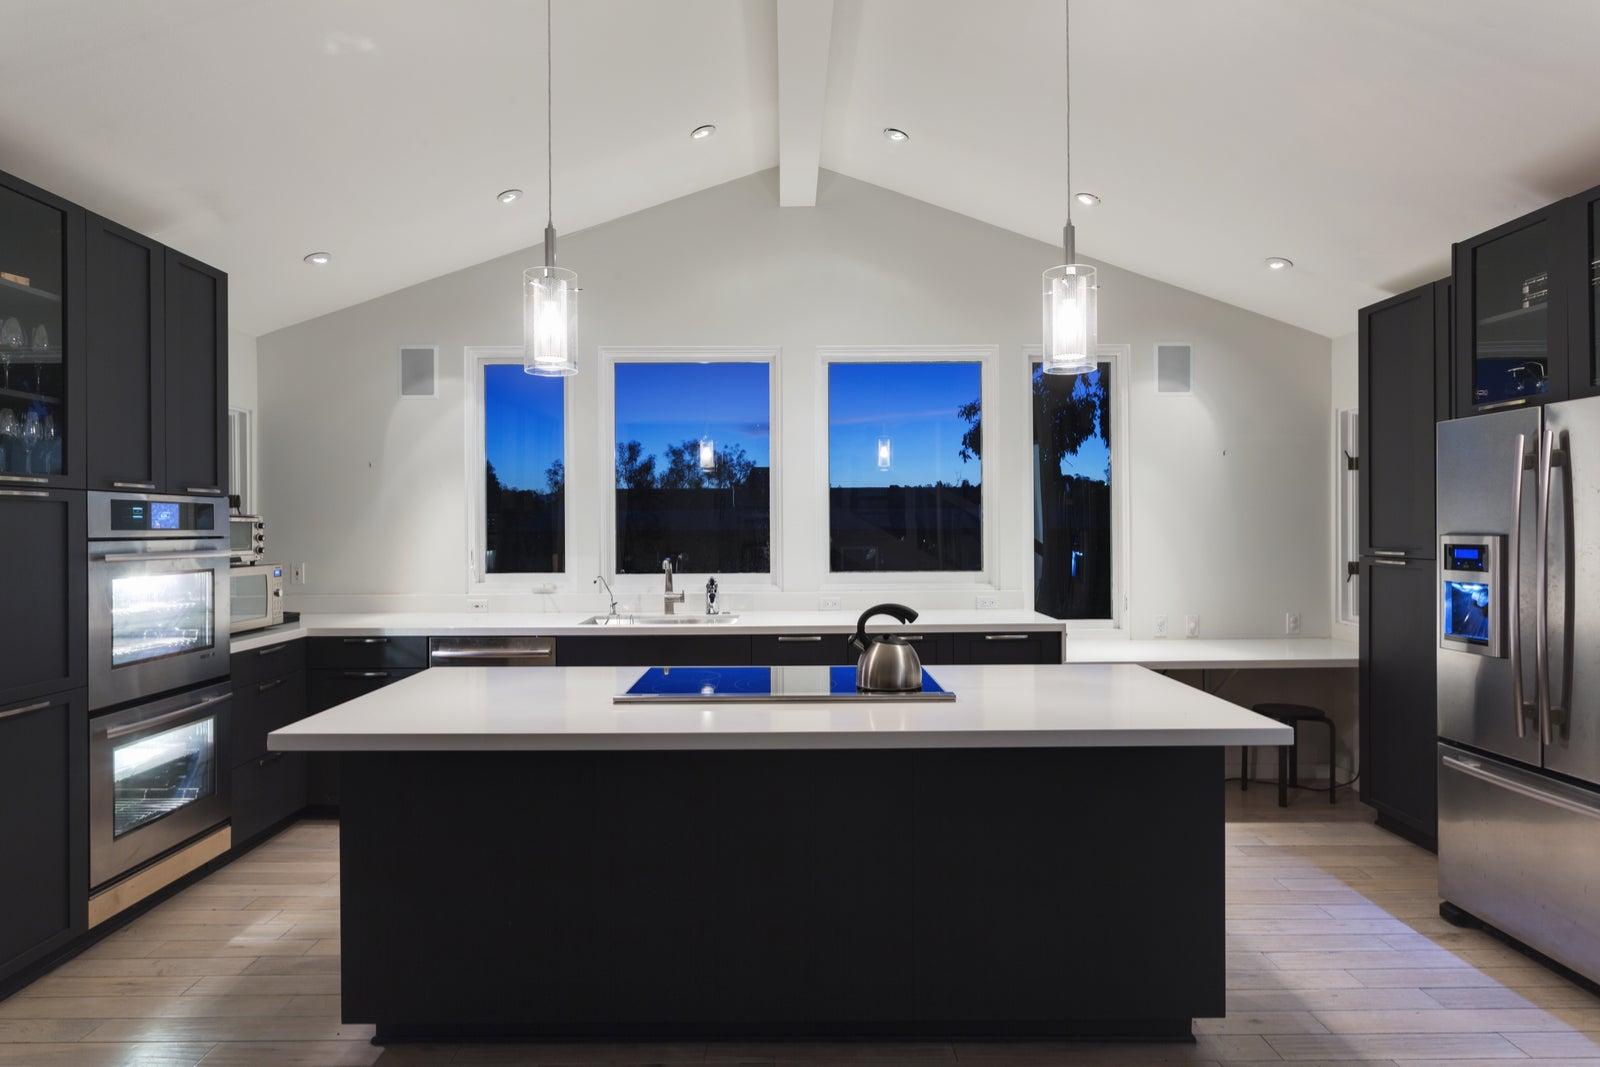 ¿Qué fallos cometes al diseñar tu cocina?